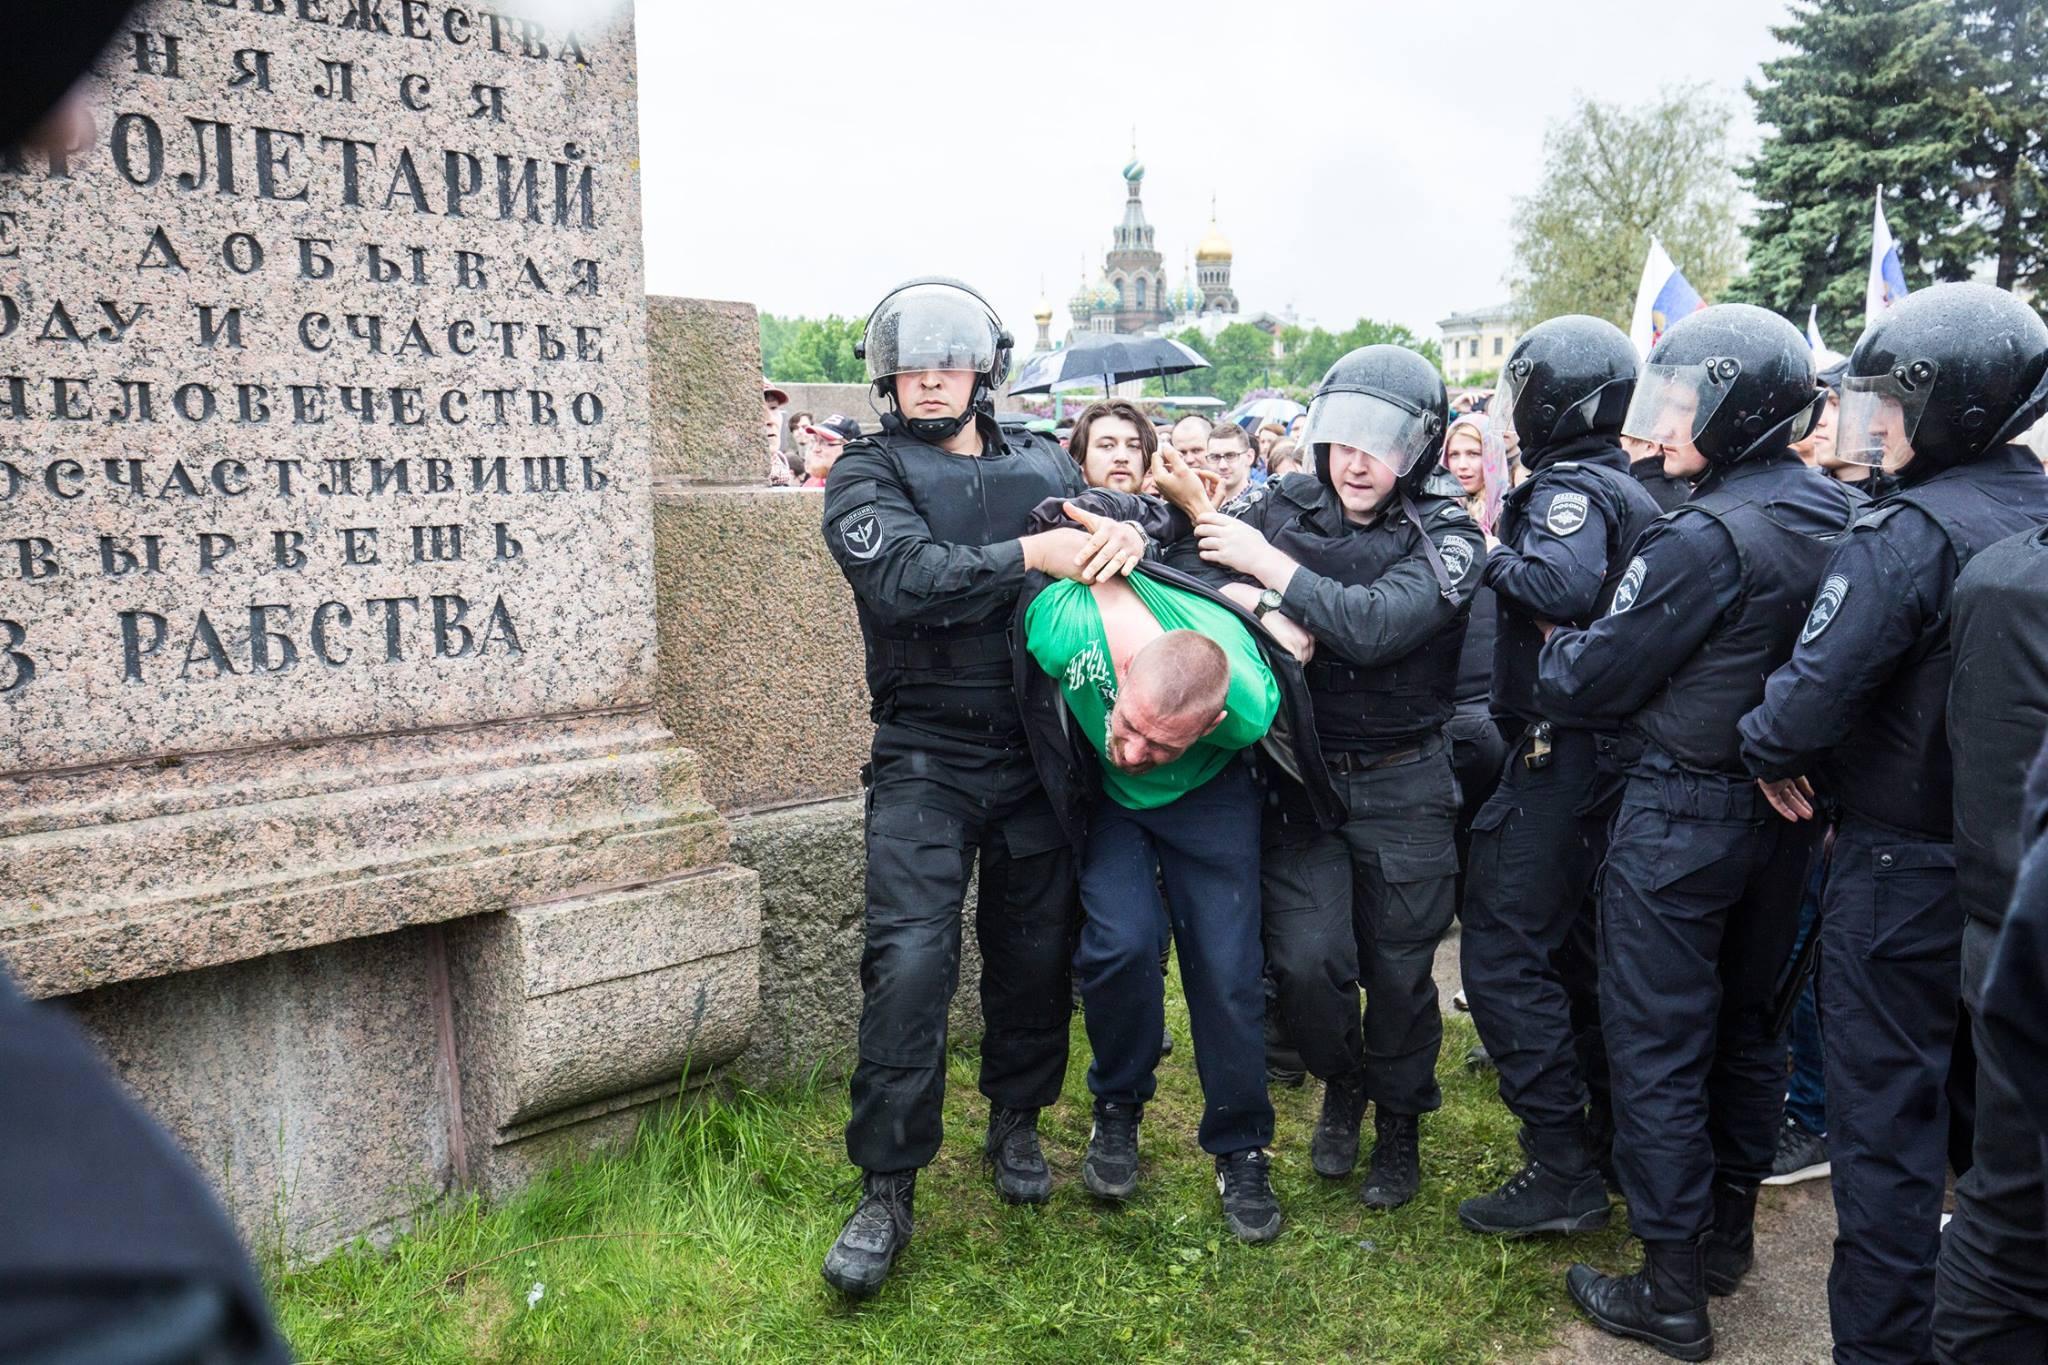 Задержание на митинге Навального в Санкт-Петербурге 12 июня